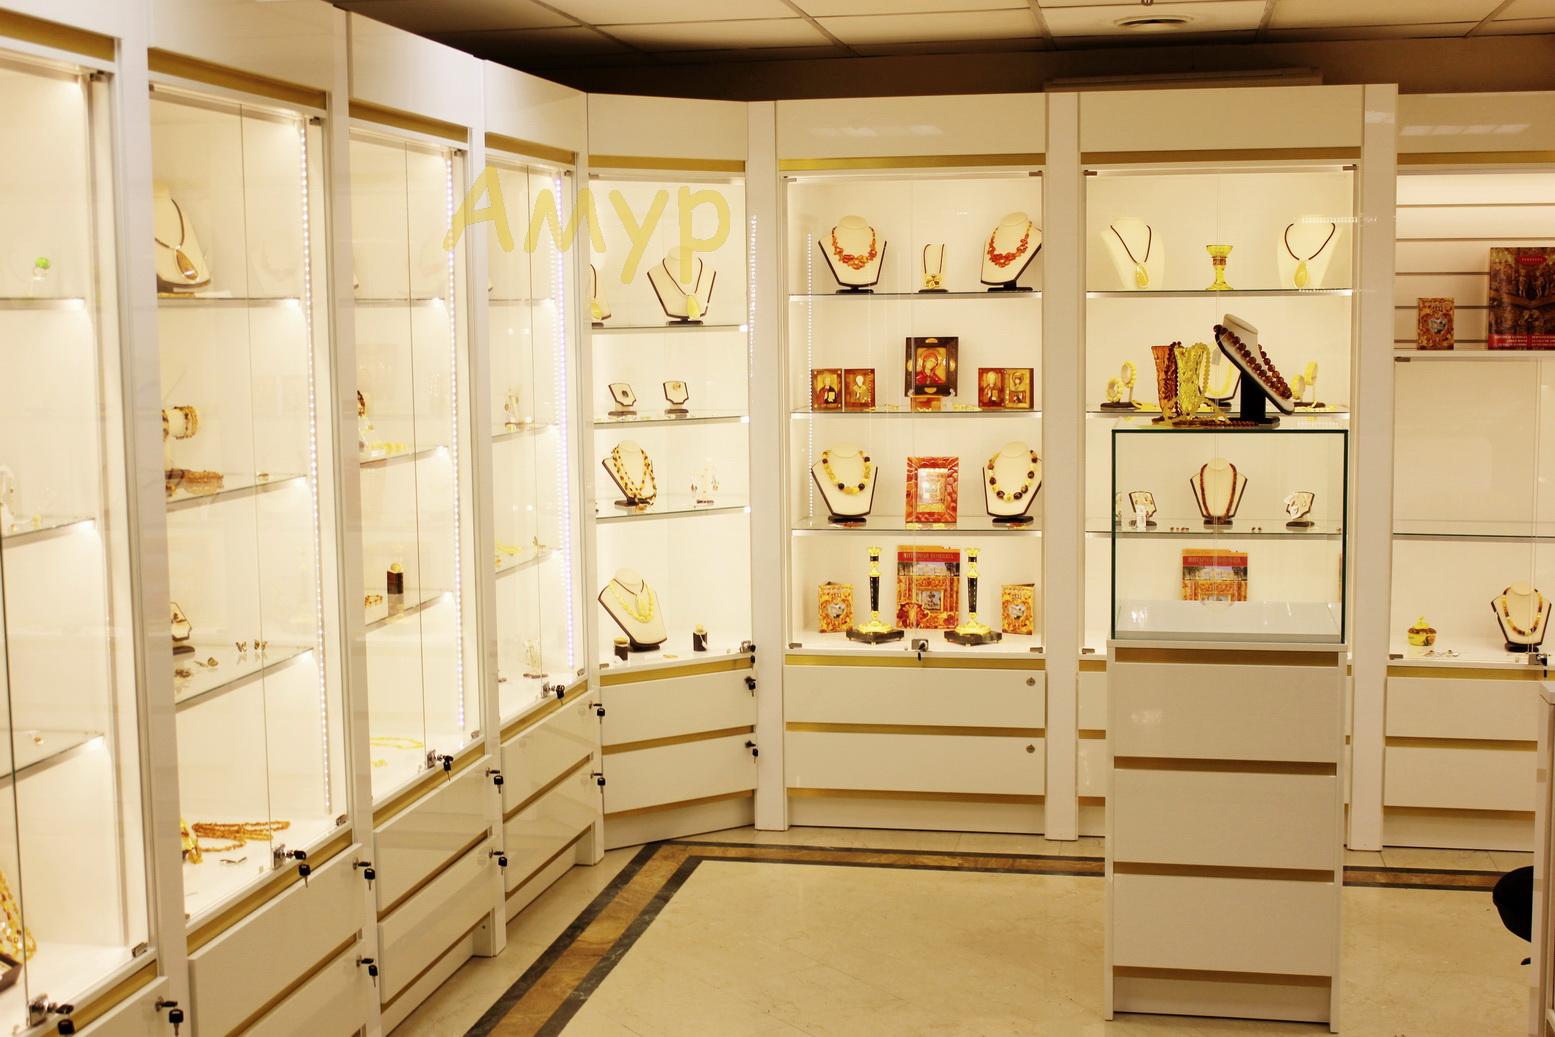 пристенные шкафы в ювелирном магазине фото всего